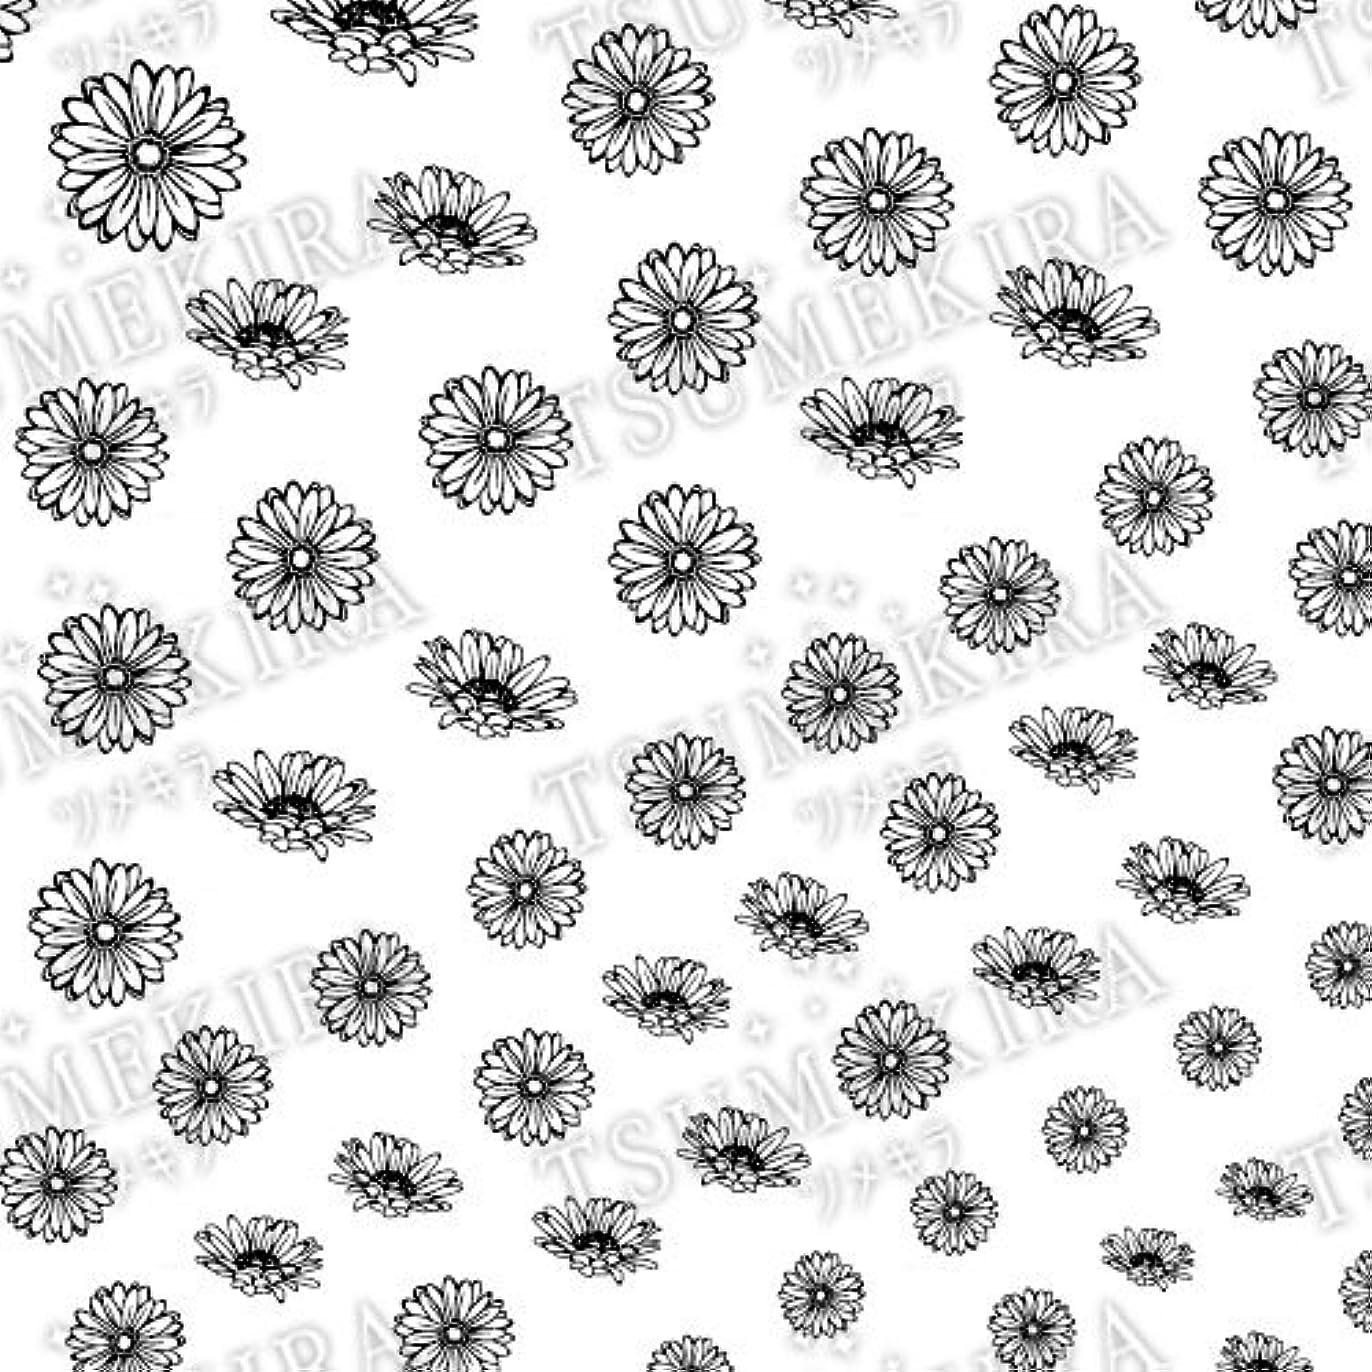 シェア公使館相対性理論ツメキラ ネイル用シール フラワースタイル ガーベラ ブラック